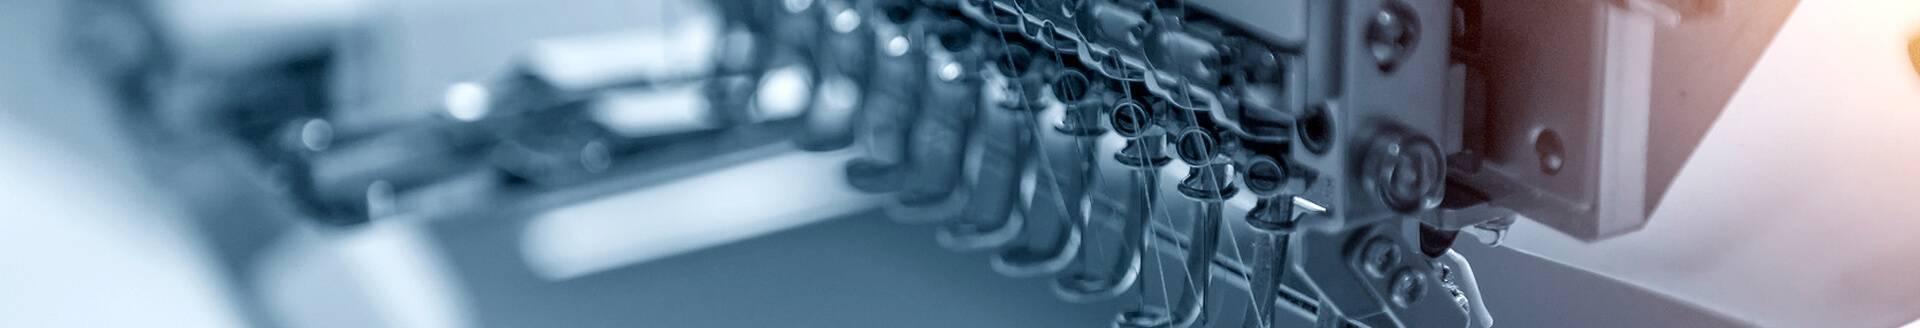 Venta de recubridoras domésticas e industriales de alta calidad